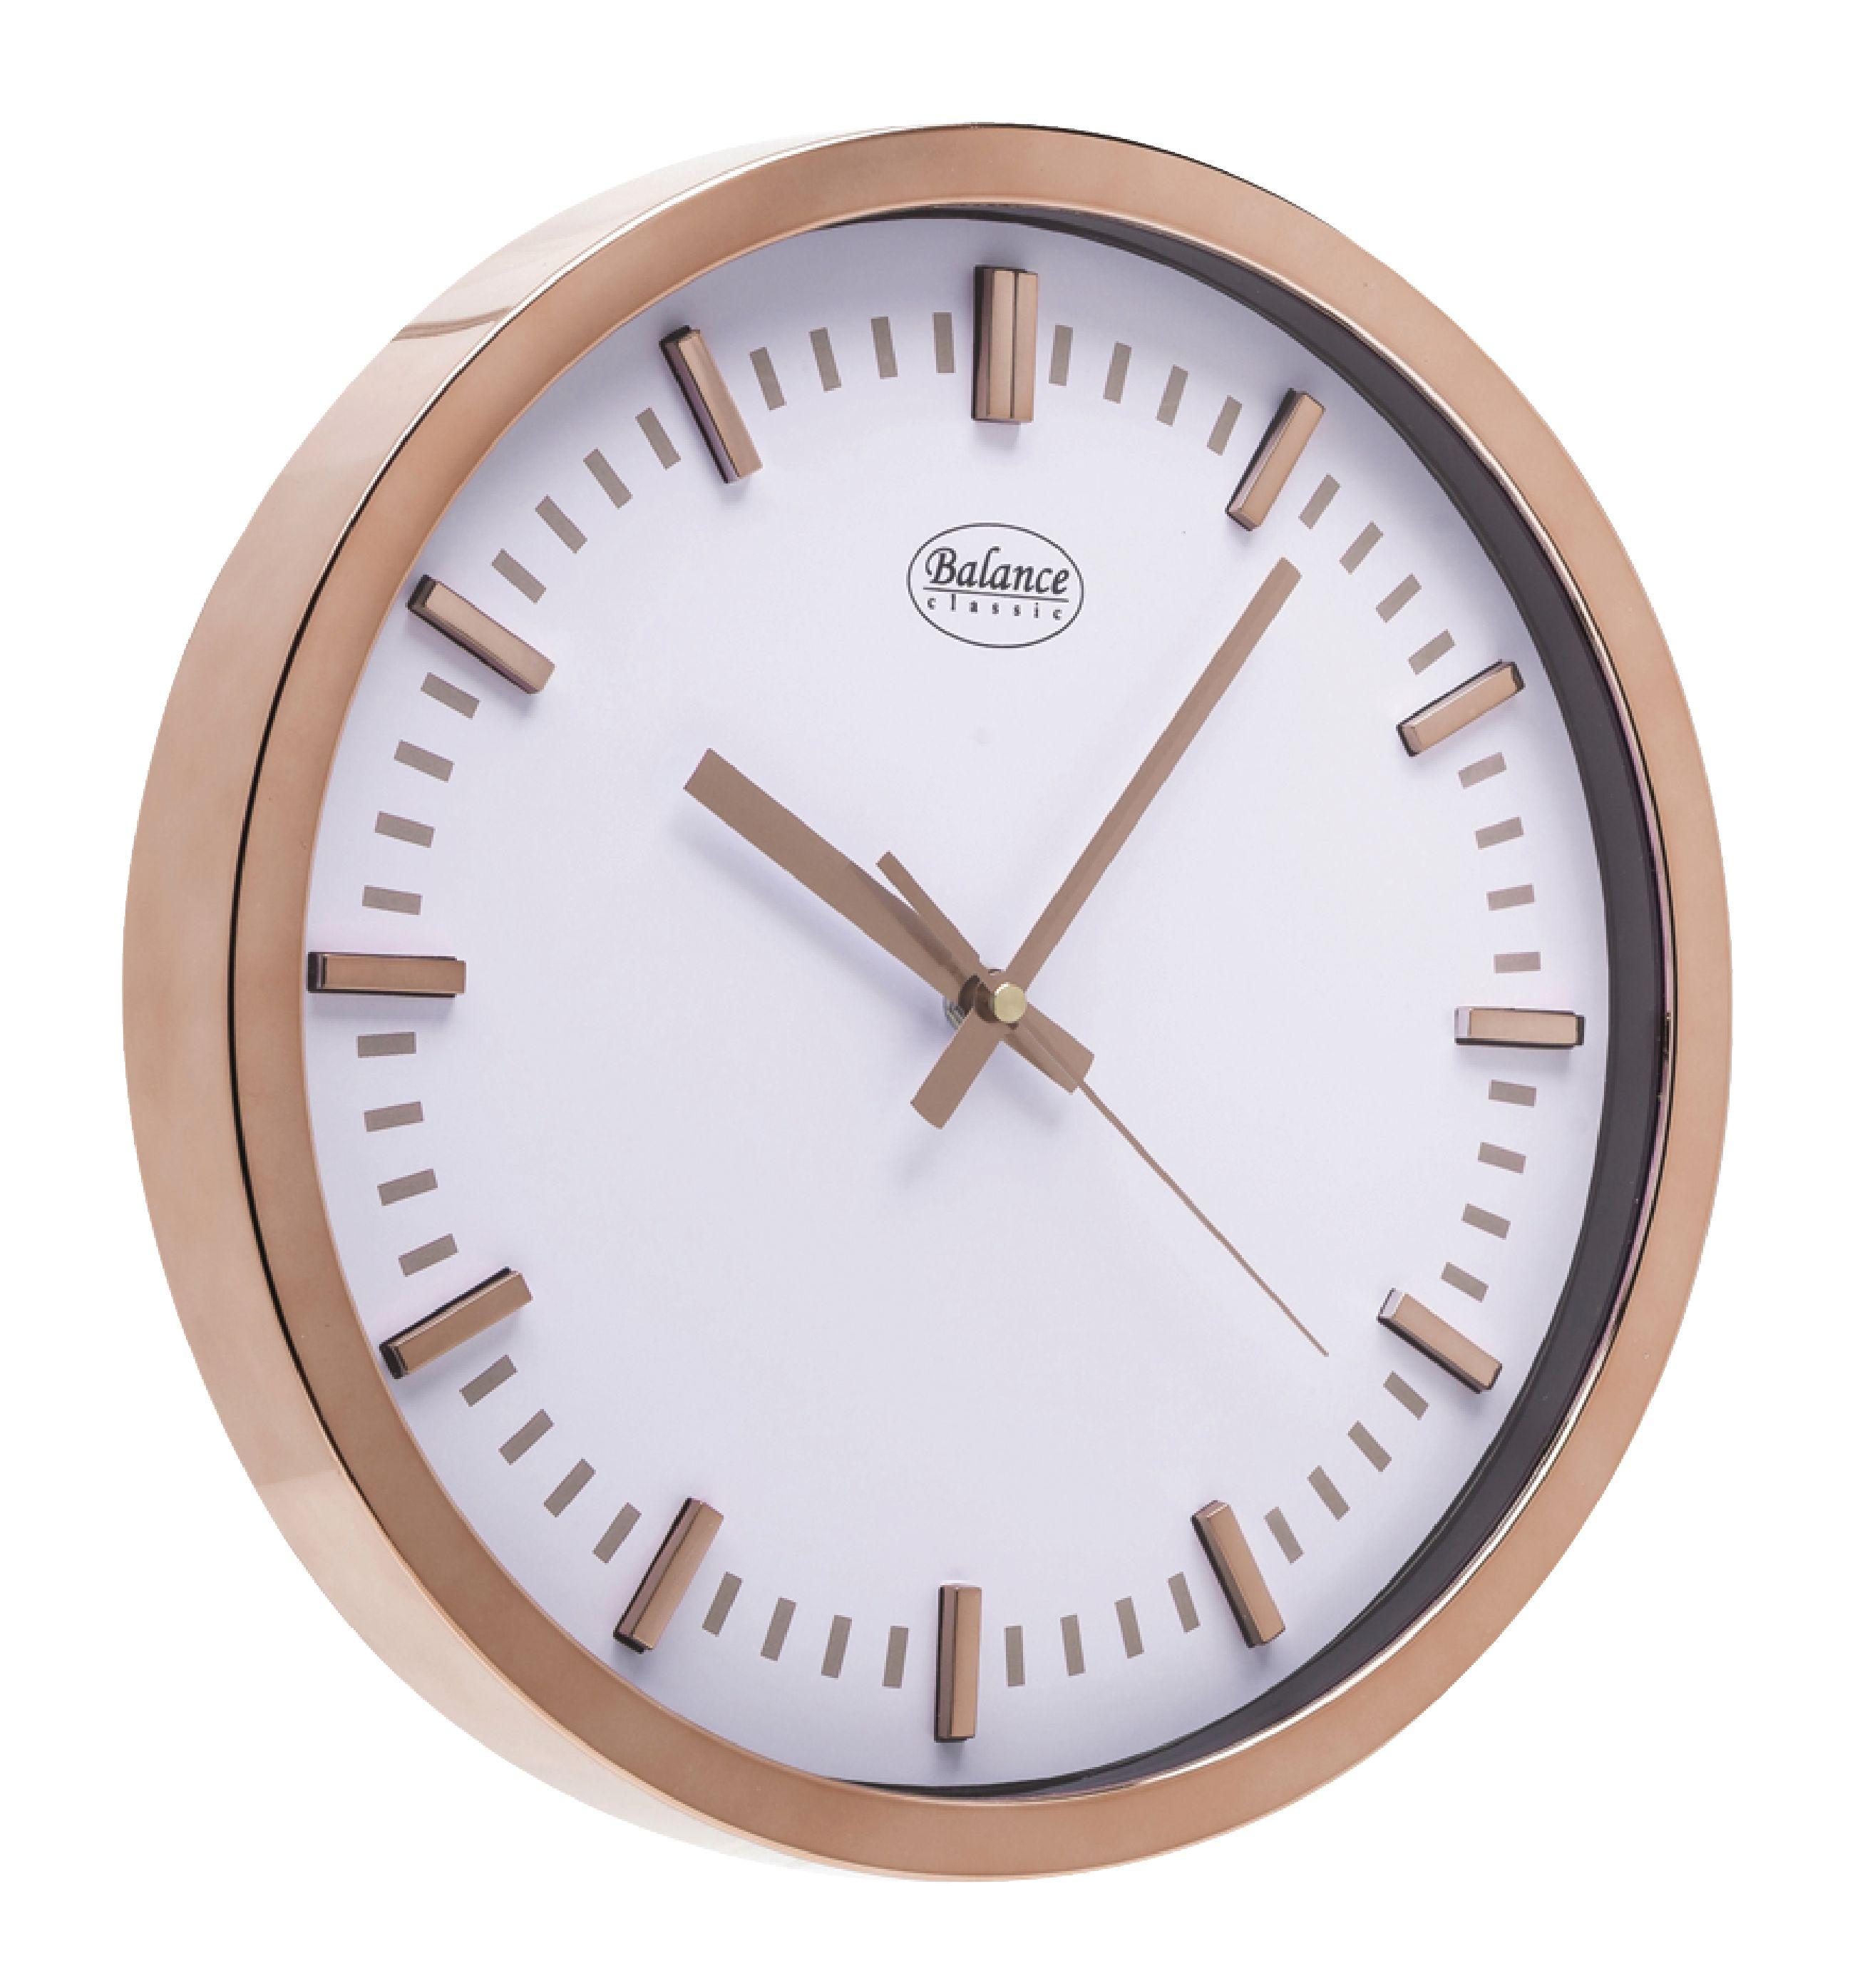 Analogové nástěnné hodiny 30 cm Balance 776029